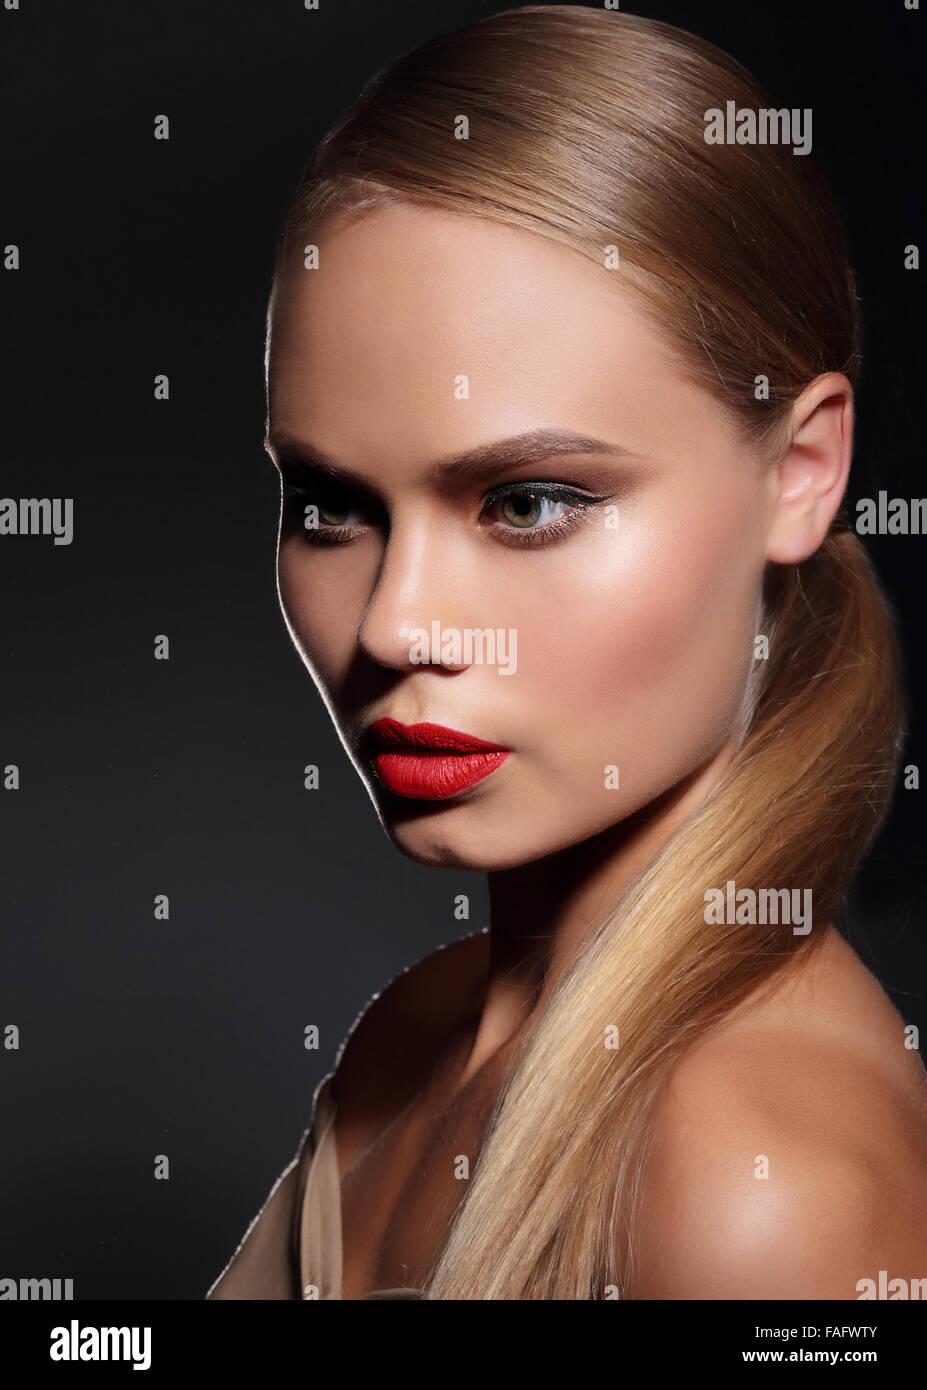 Giovane donna con i capelli dritti e e labbra rosse su sfondo scuro. Ritratto. Immagini Stock